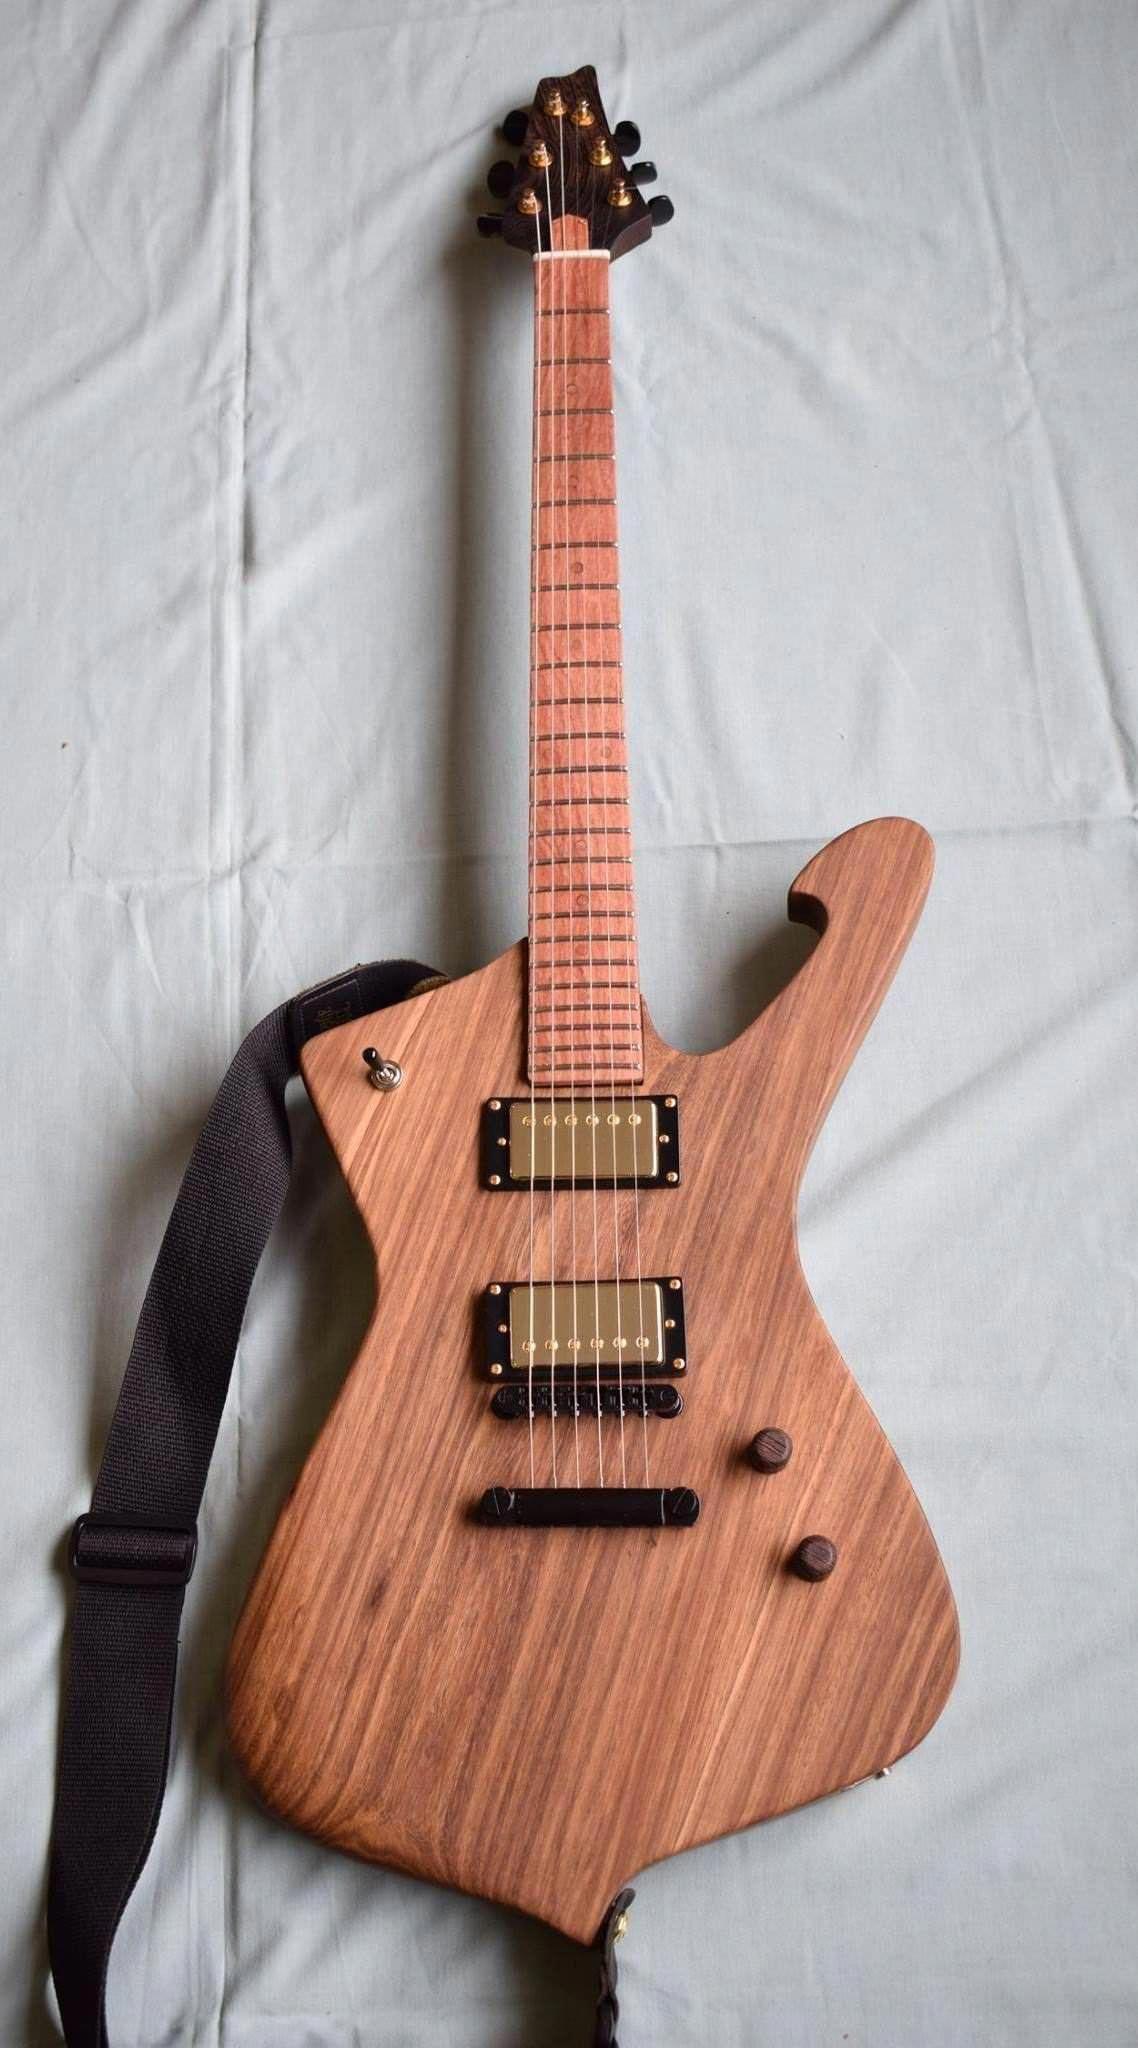 Best Quality Fender Bass Guitar Fenderbassguitar Bass Guitar